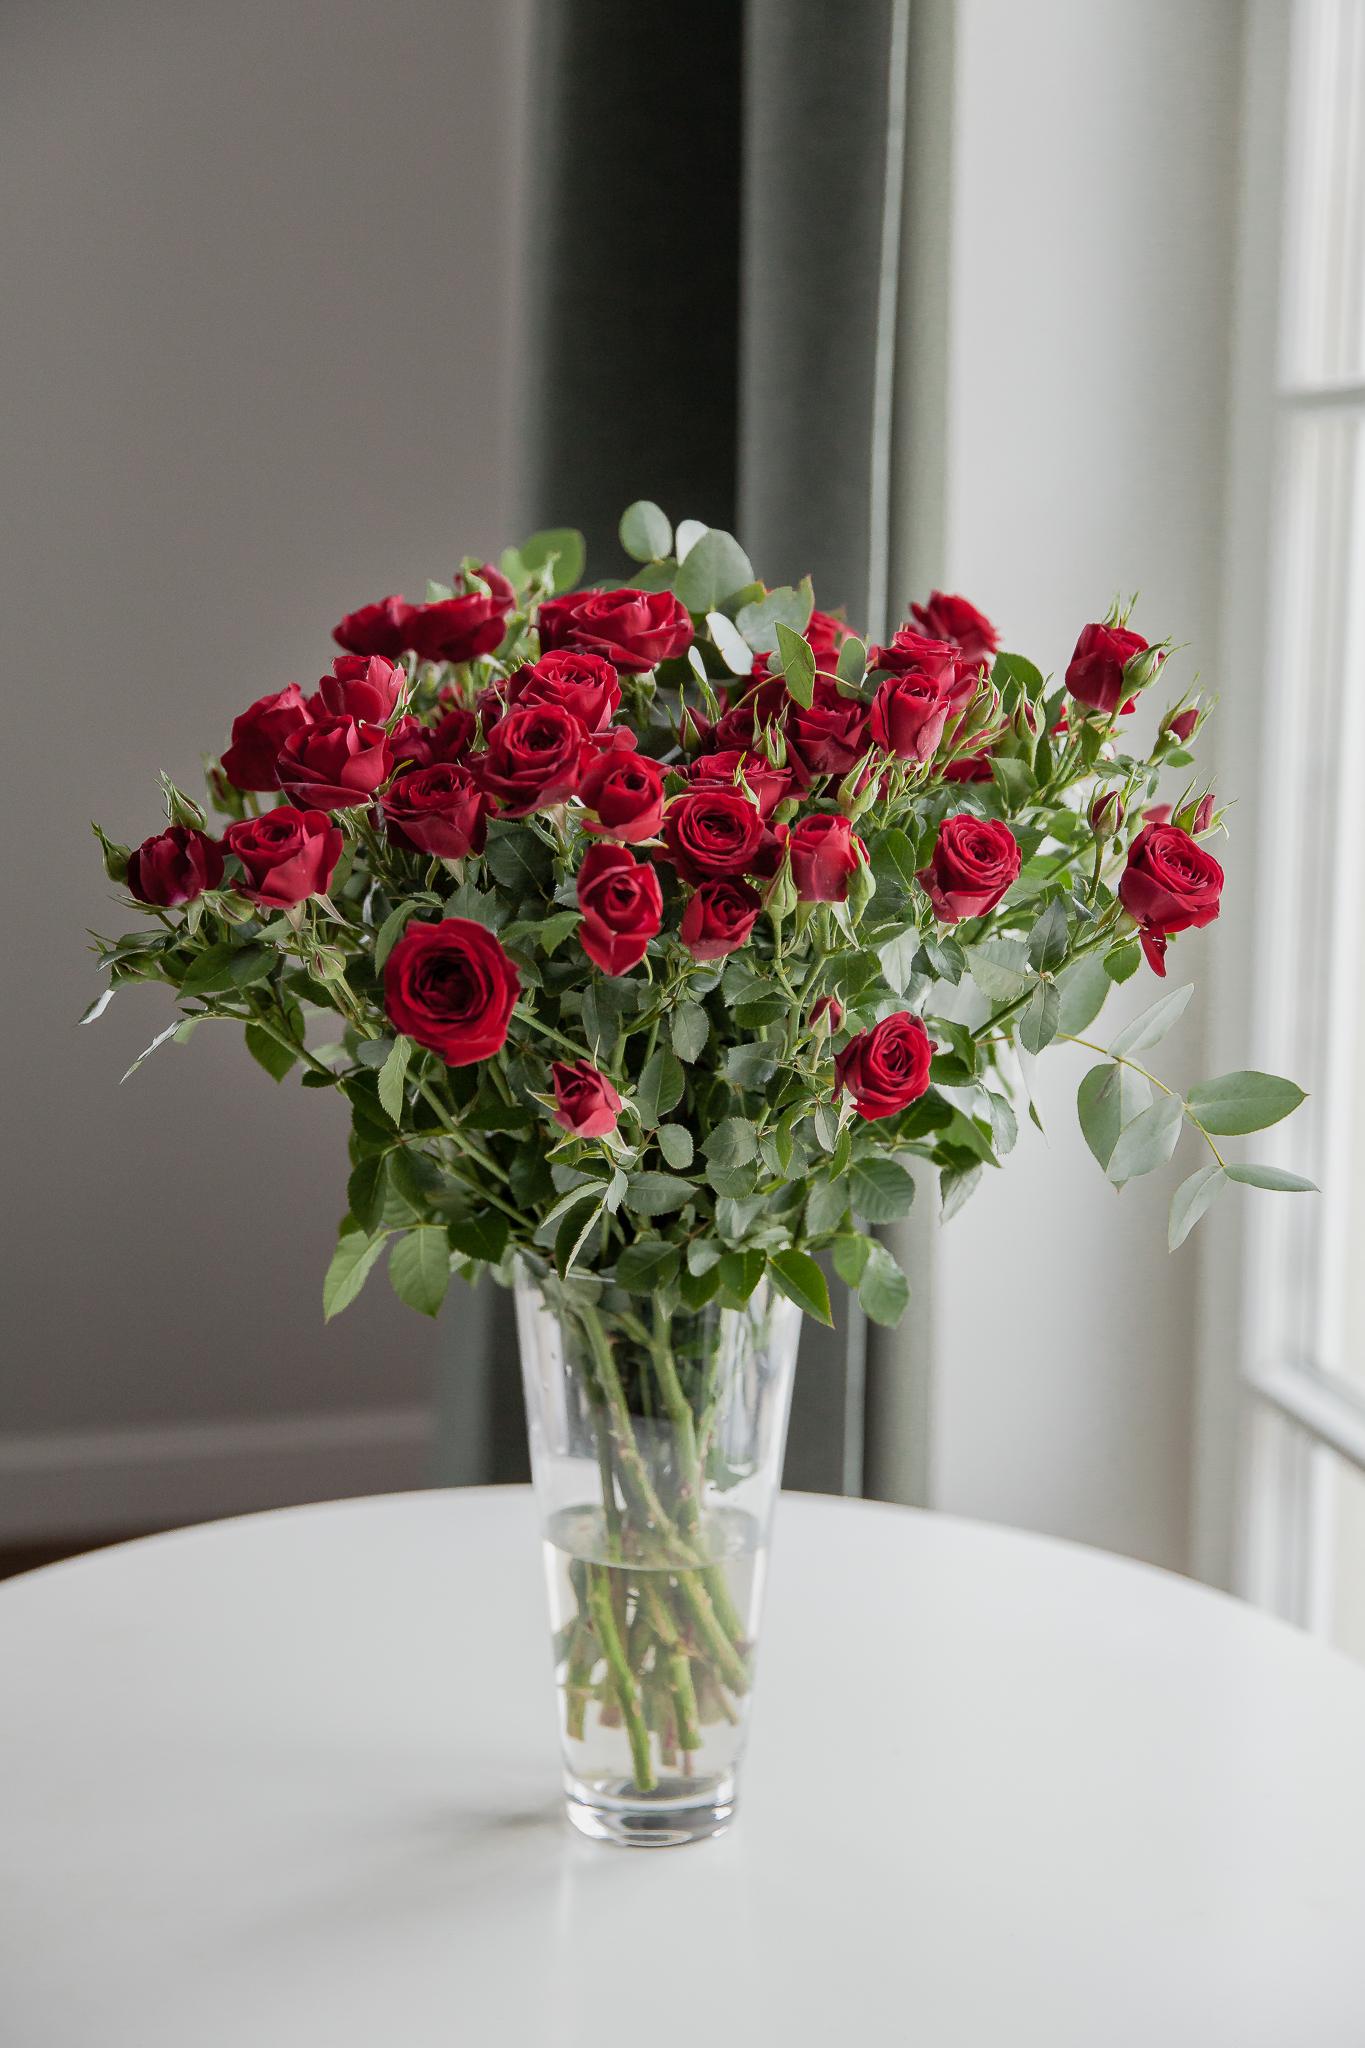 Rubicon daugiažiedės rožės